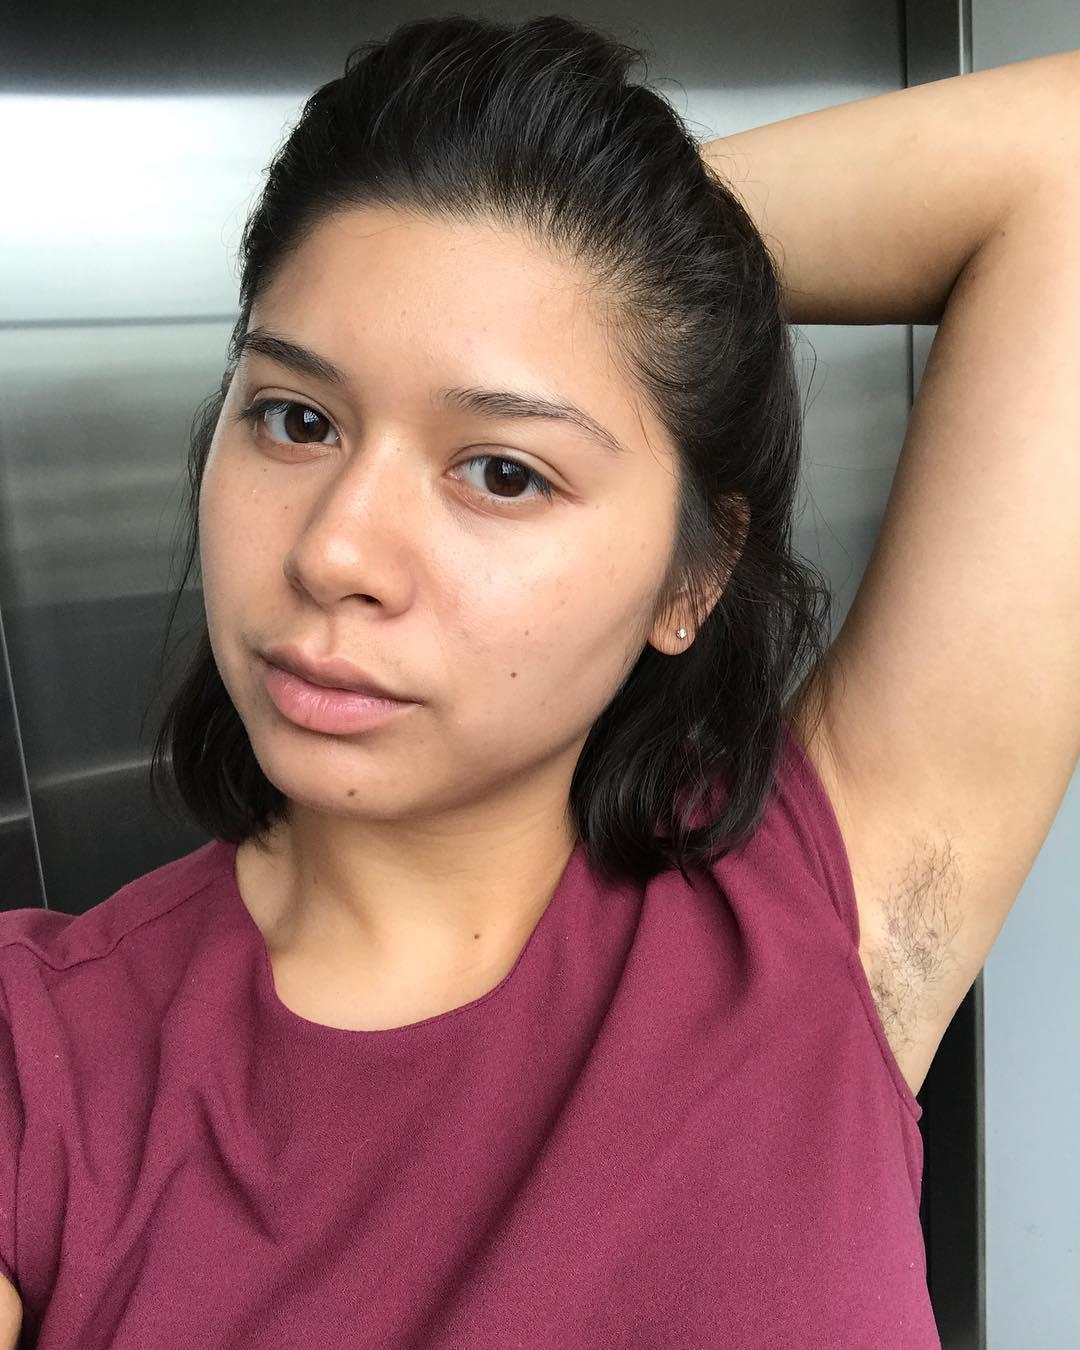 Hairy armpit licker